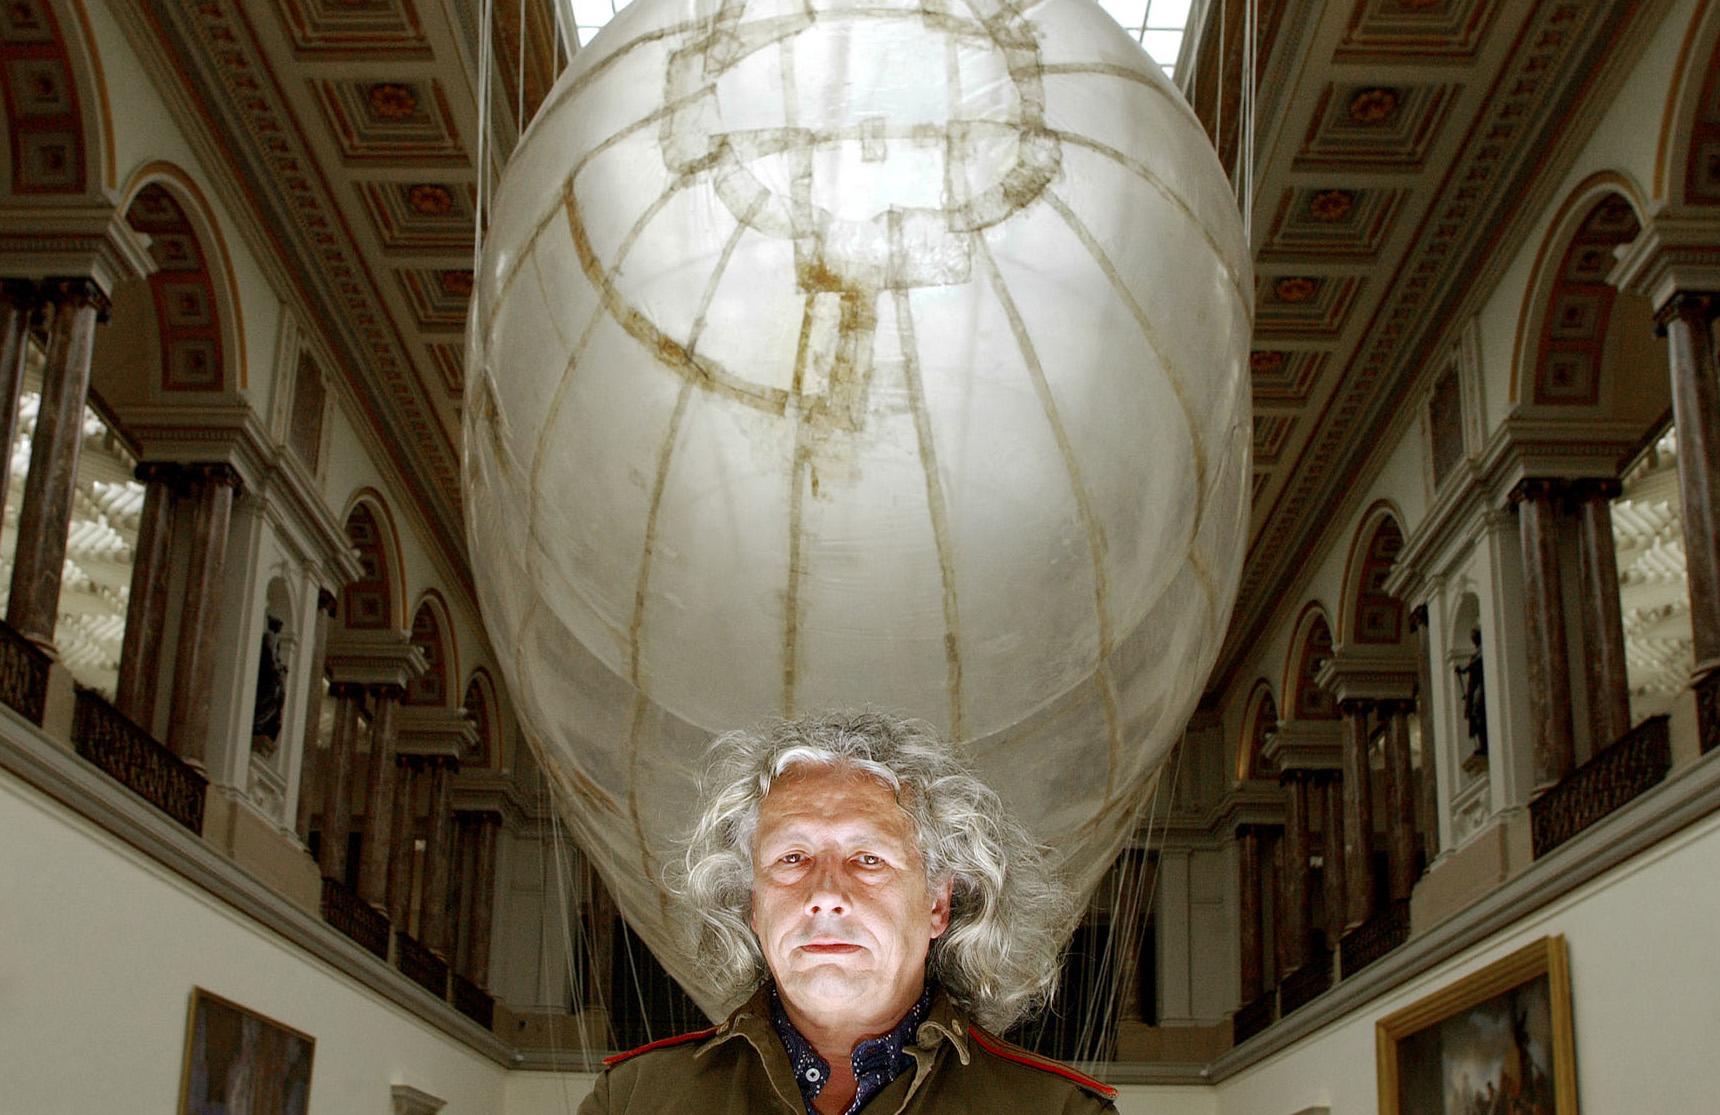 ОТОРВАТЬСЯ ОТ ЗЕМЛИ: Панамаренко — художник-изобретатель из Бельгии